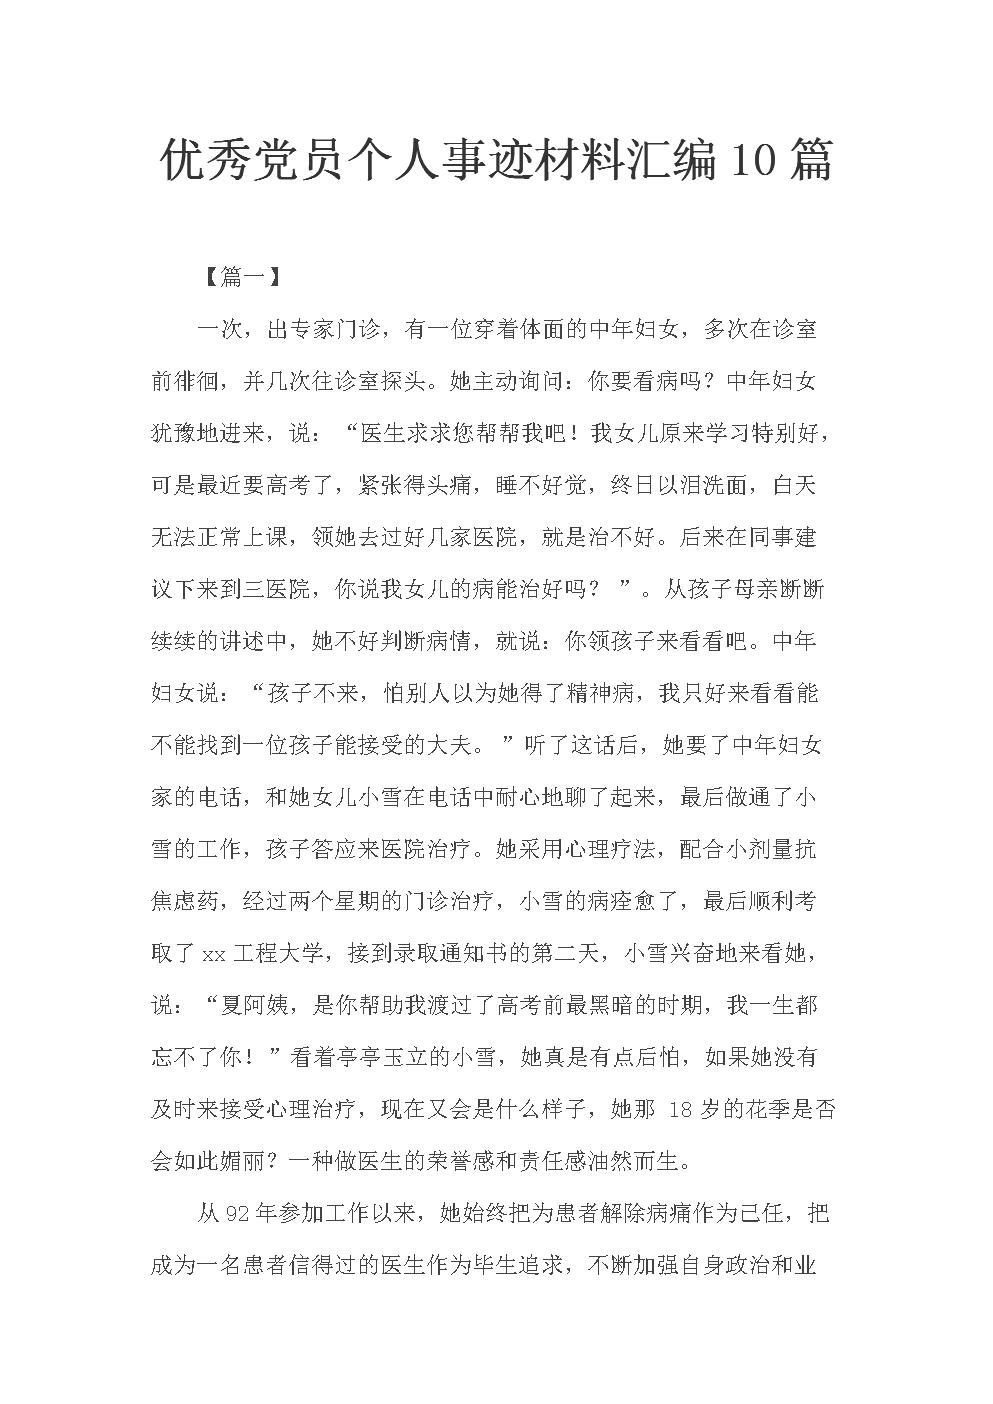 优秀党员个人事迹材料汇编10篇.docx